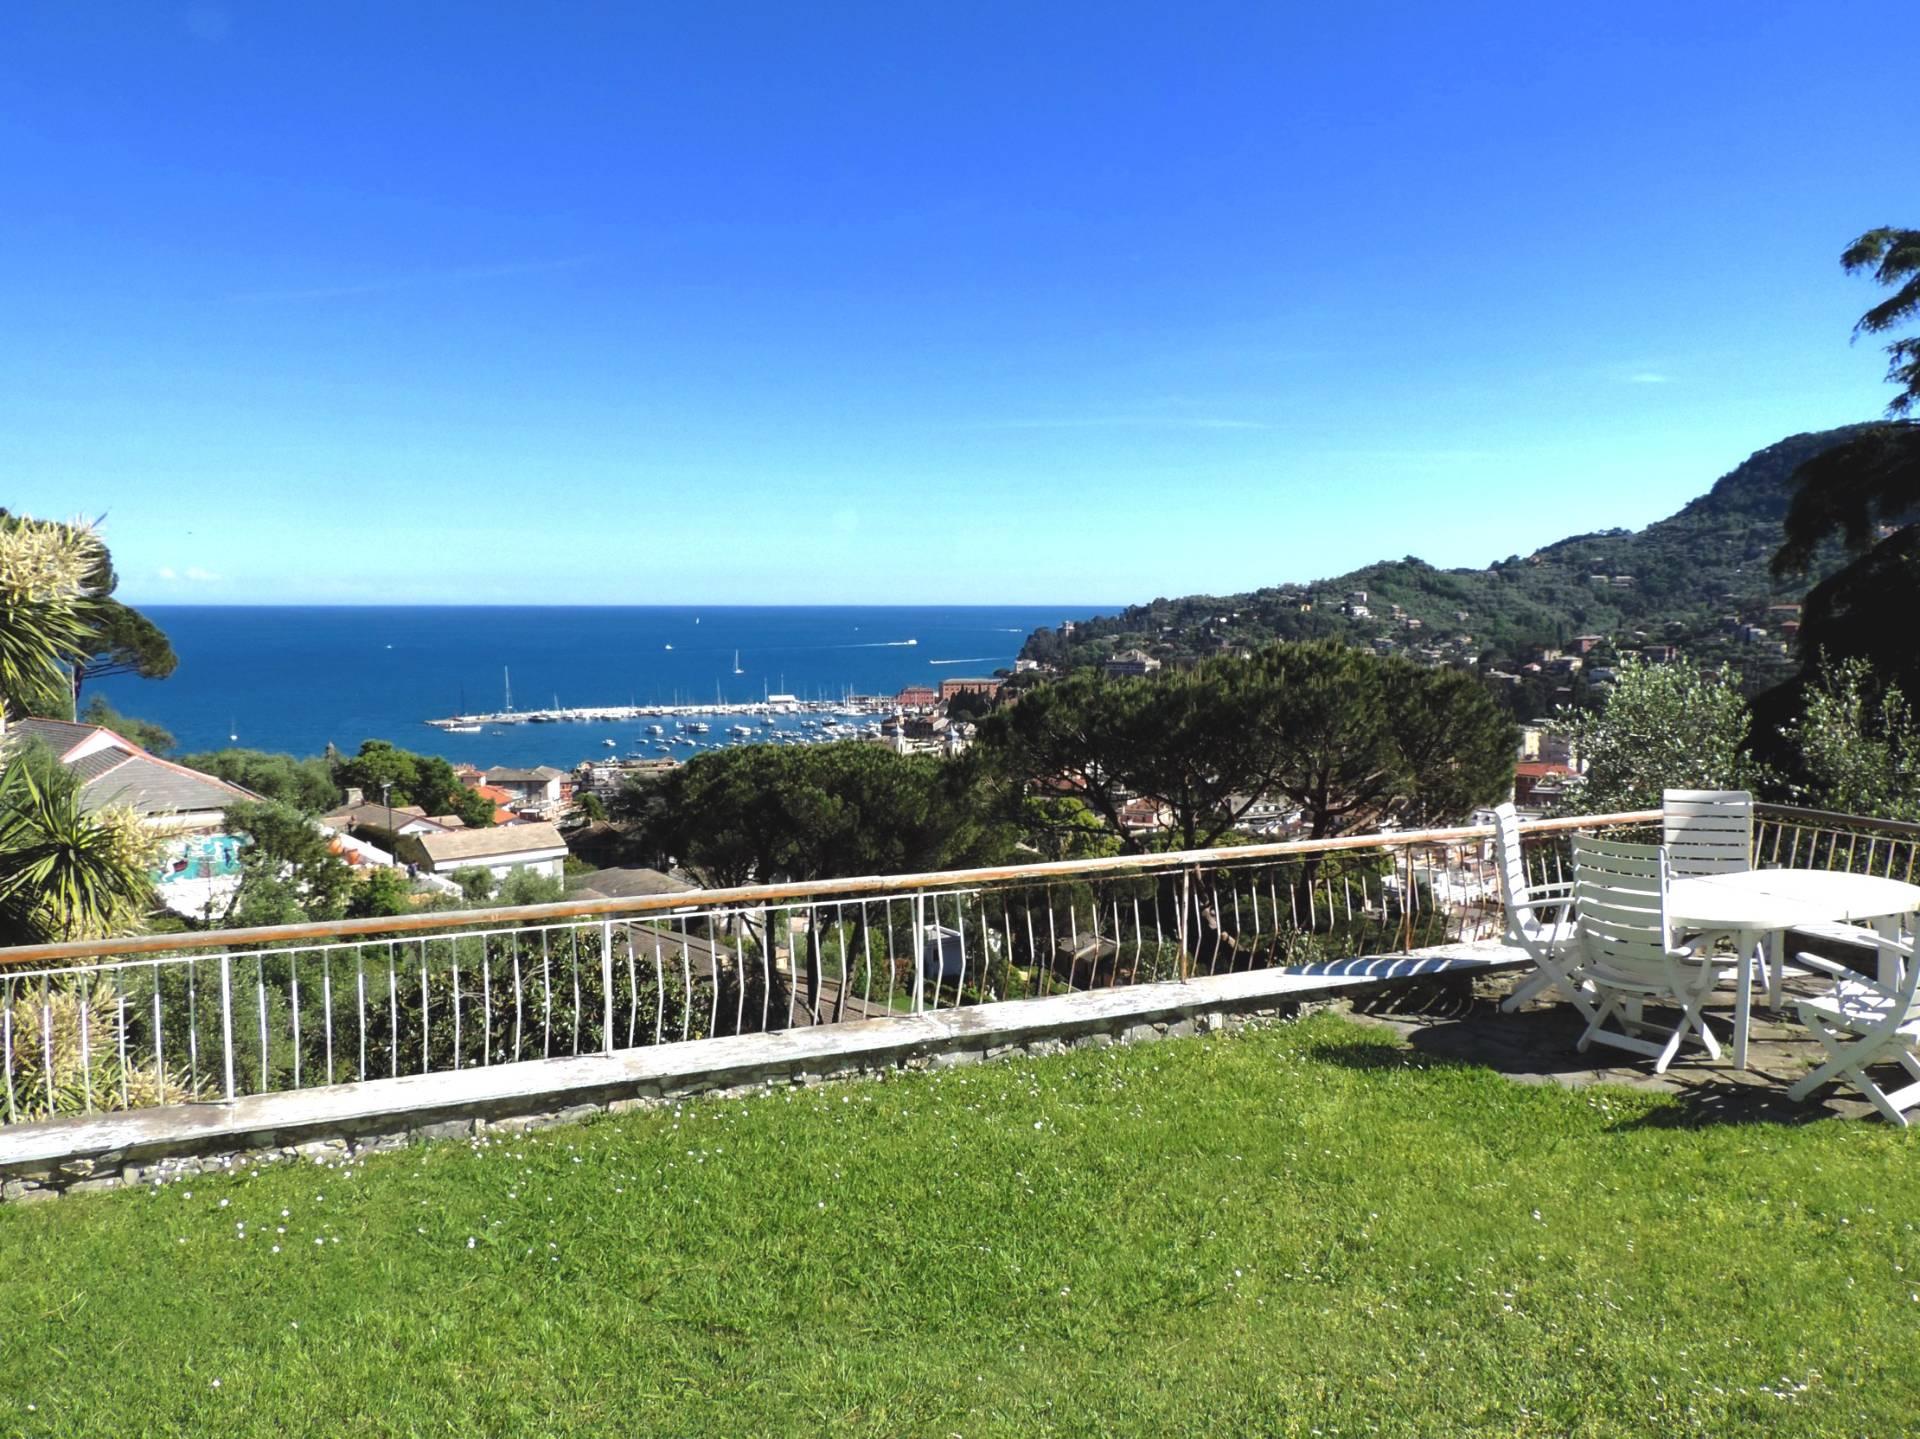 Villa in vendita a Santa Margherita Ligure, 7 locali, prezzo € 2.900.000   Cambio Casa.it